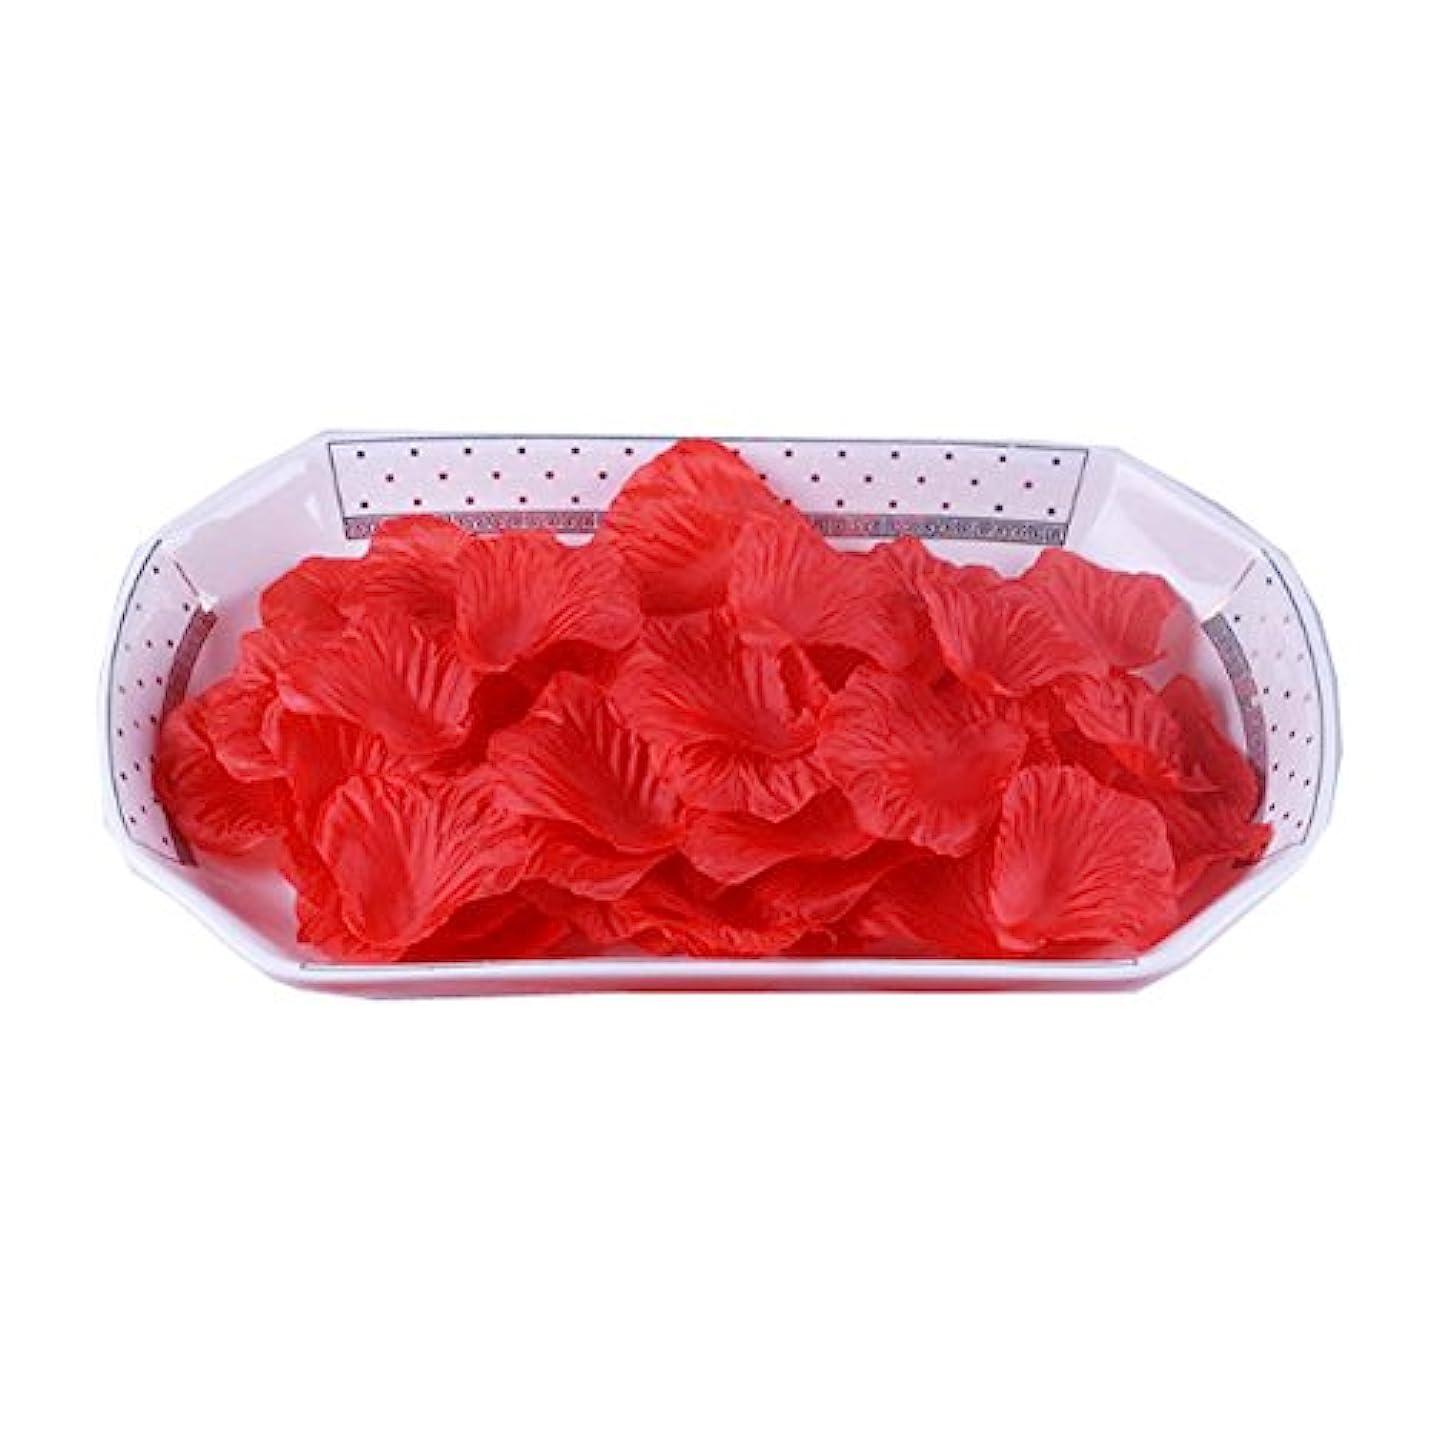 結婚式の装飾のための人工のバラの花びらの偽の花びら3000 PC